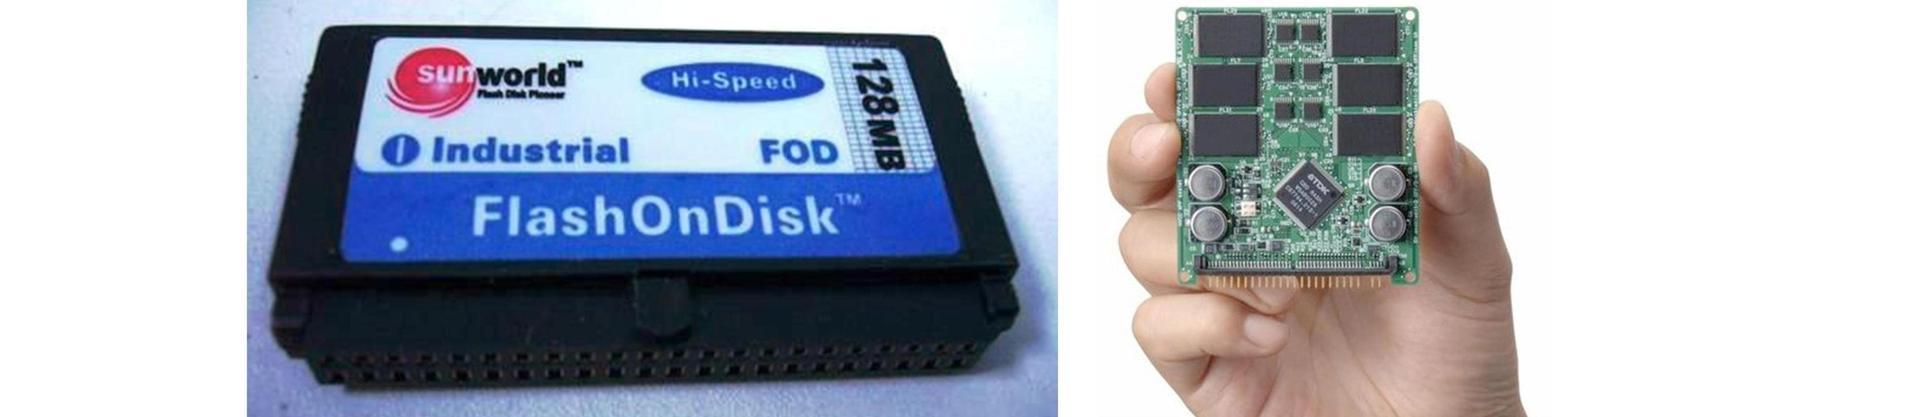 Дорогу молодым! Как SSD превратились в накопители будущего - 5